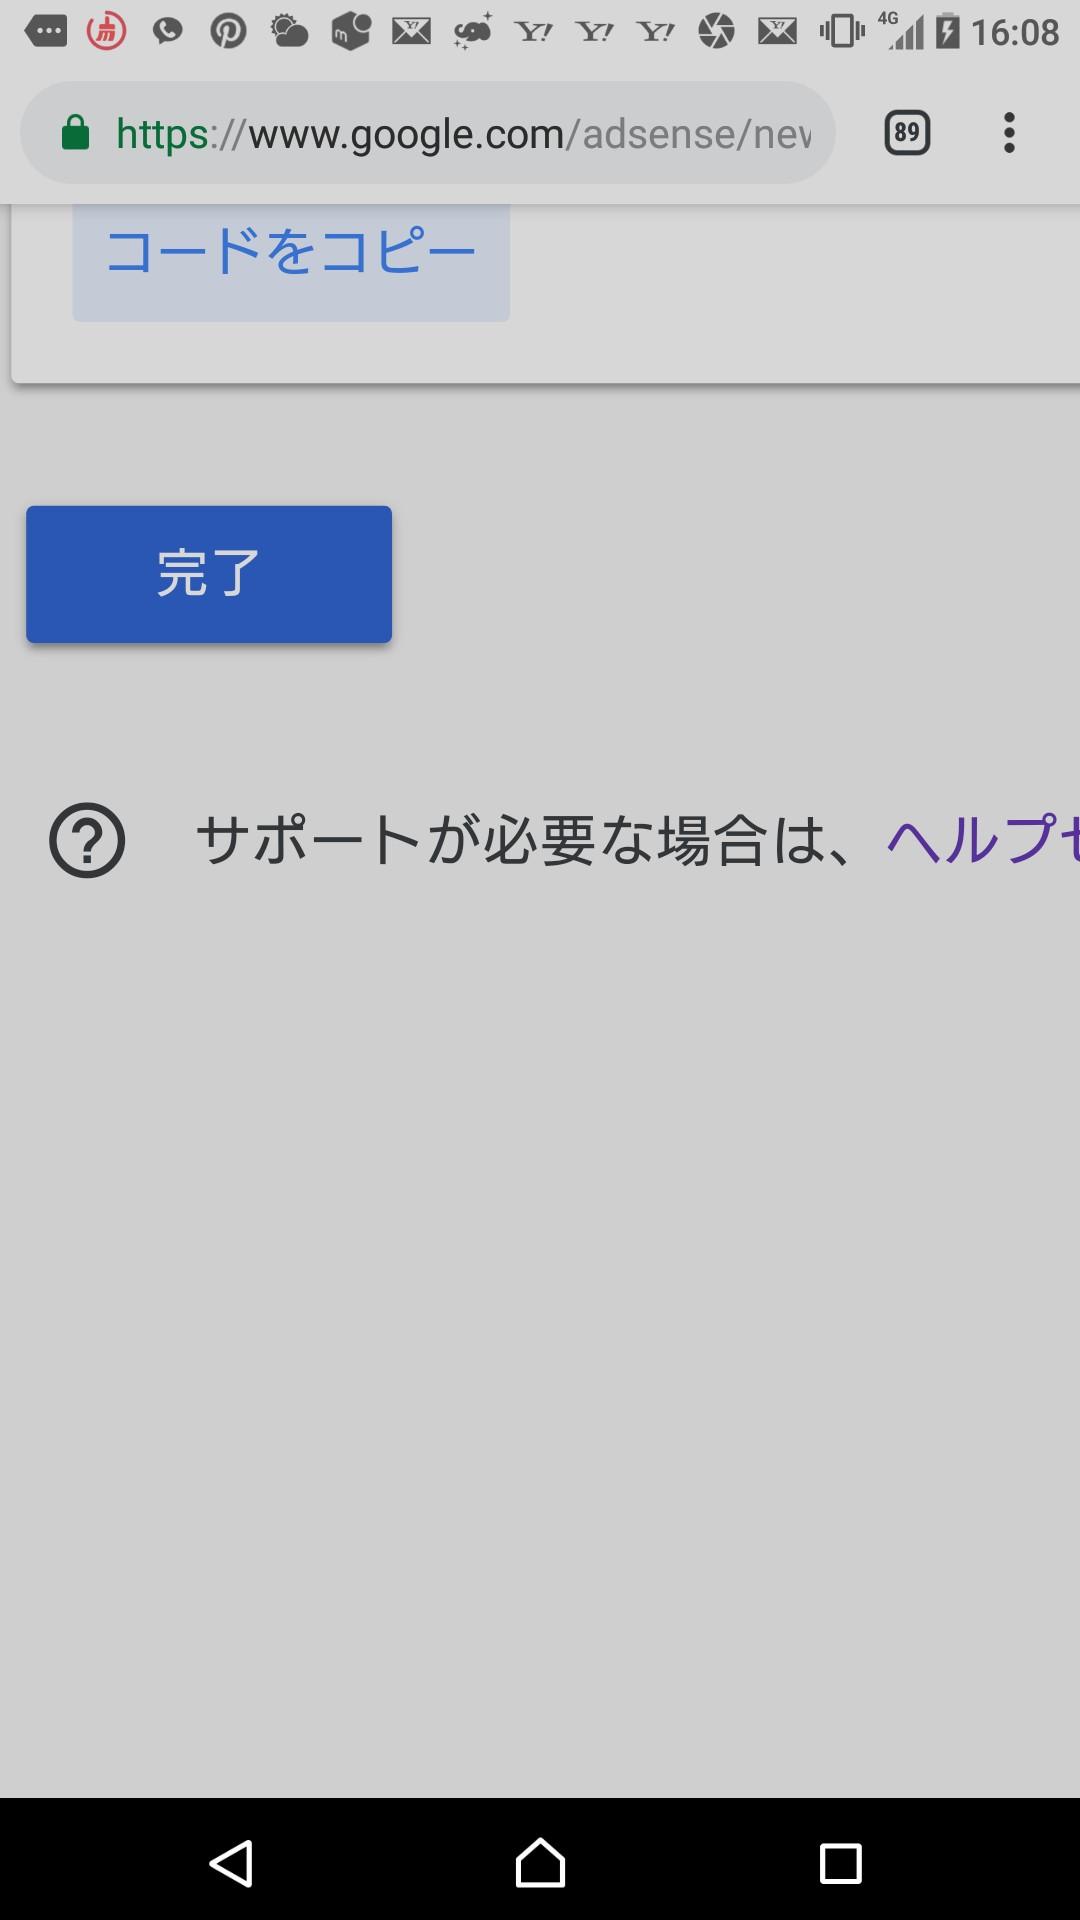 f:id:uuuta1122:20190105161959j:plain